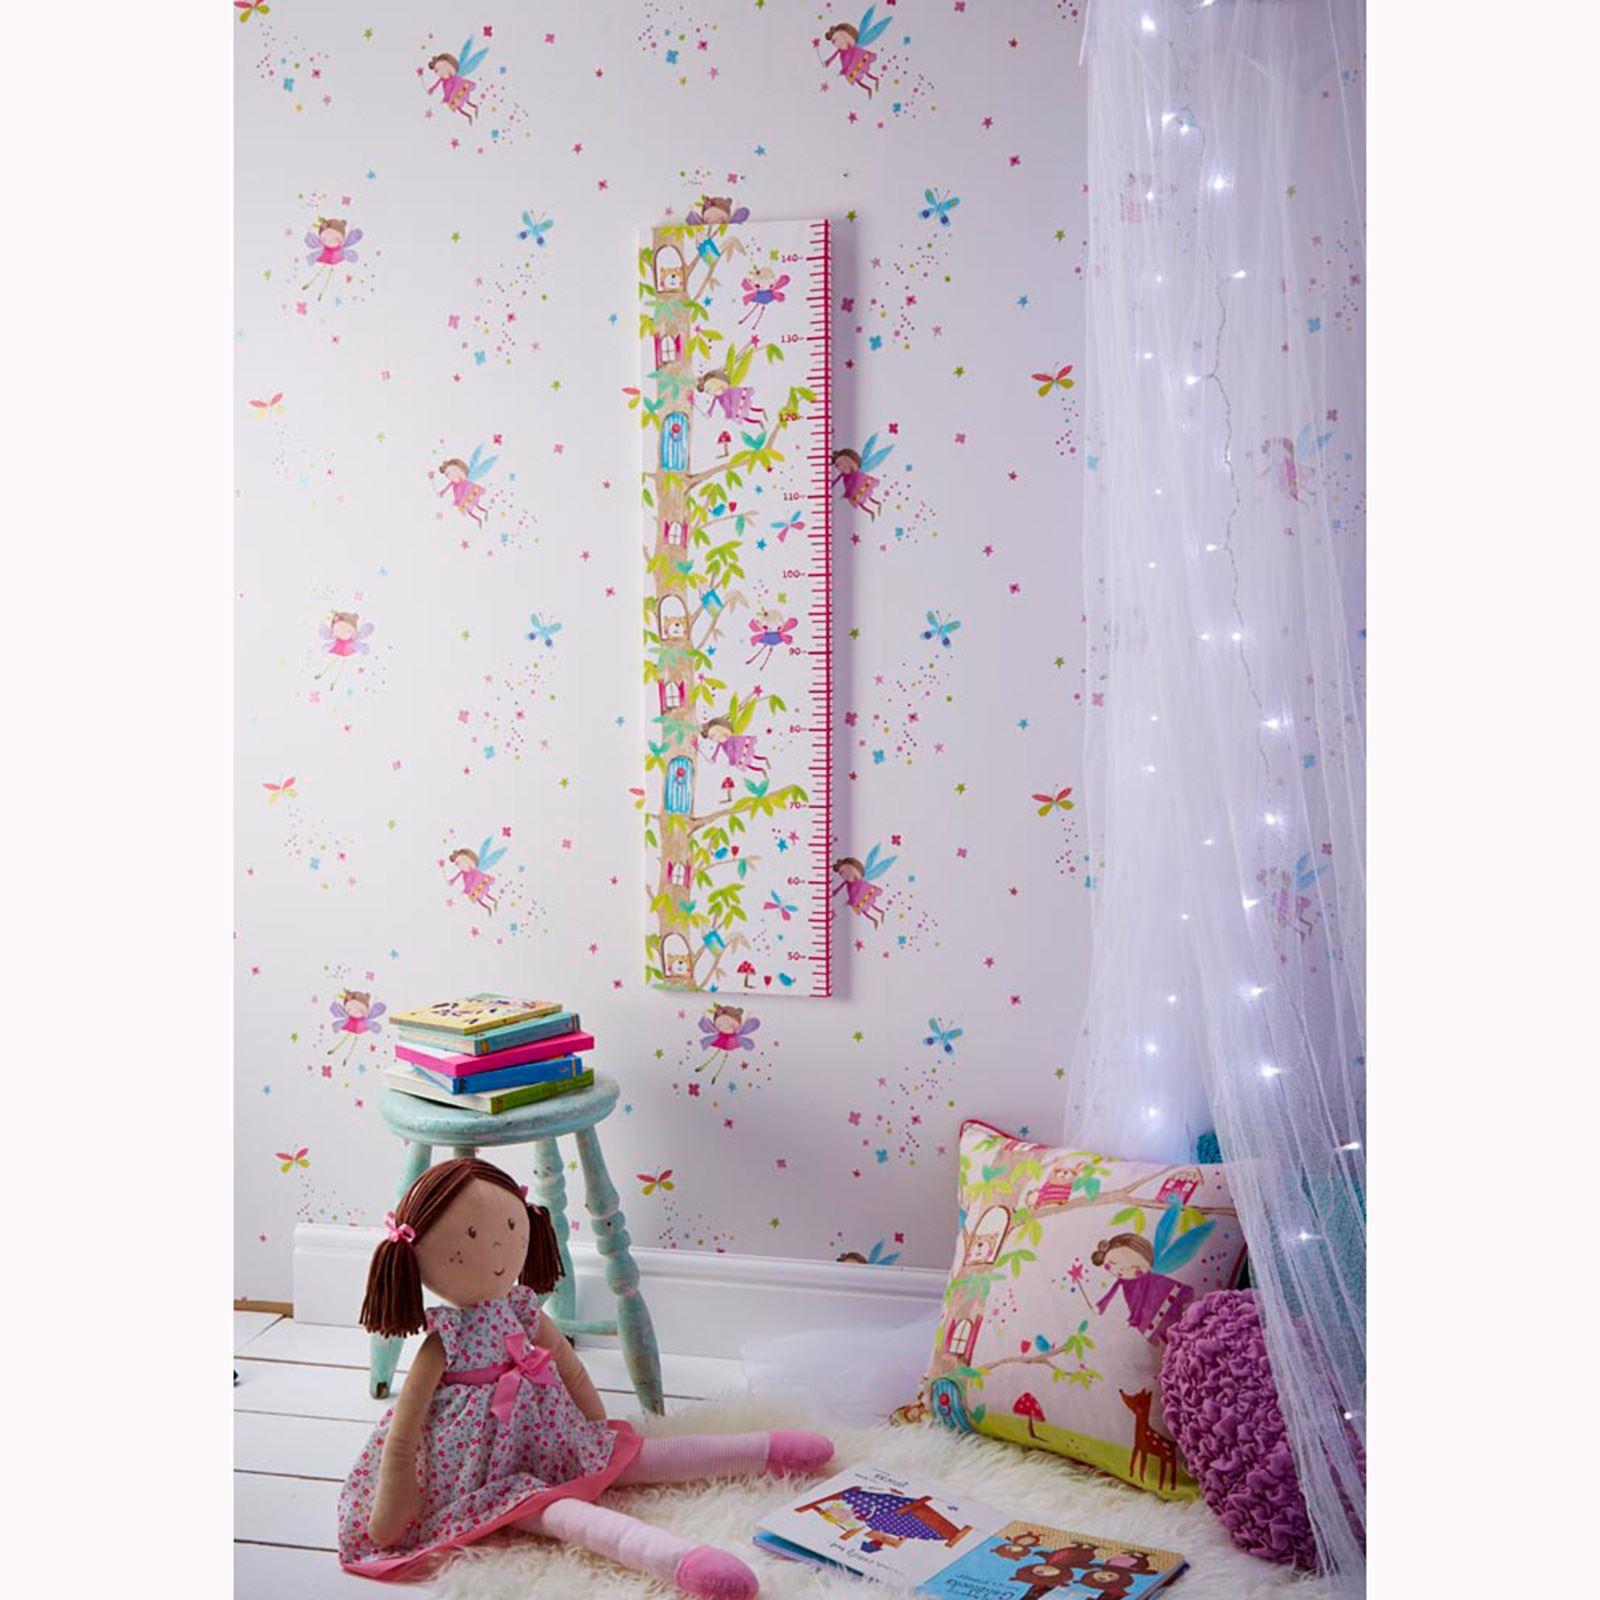 Arthouse glitter detail kids girls bedroom wallpaper for Glitter wallpaper for bedroom